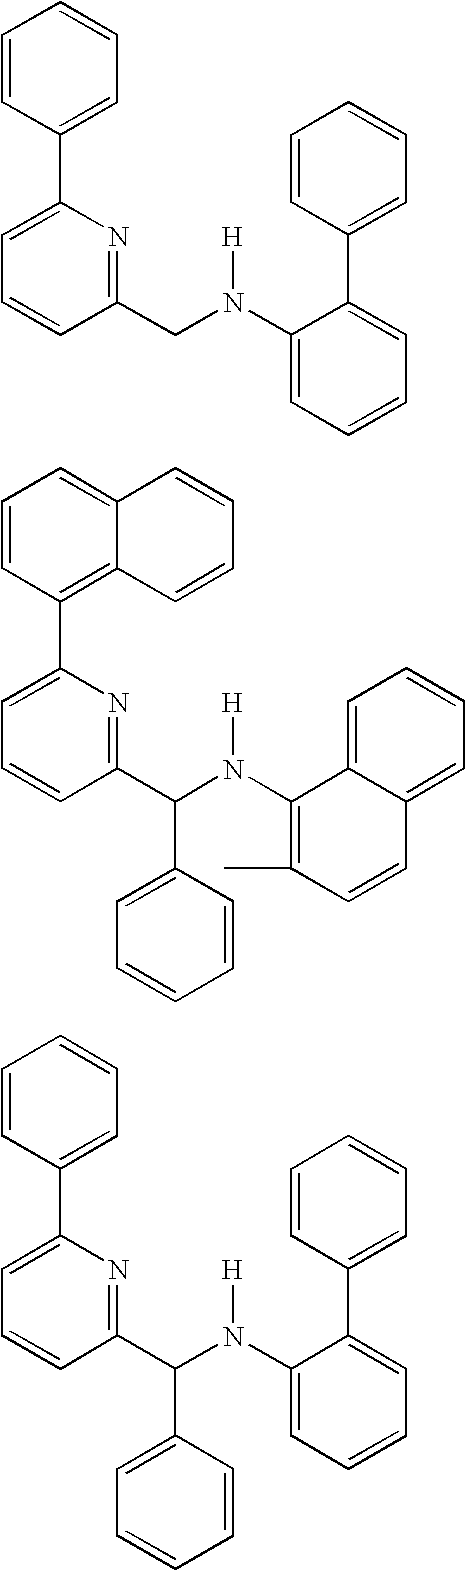 Figure US06900321-20050531-C00030